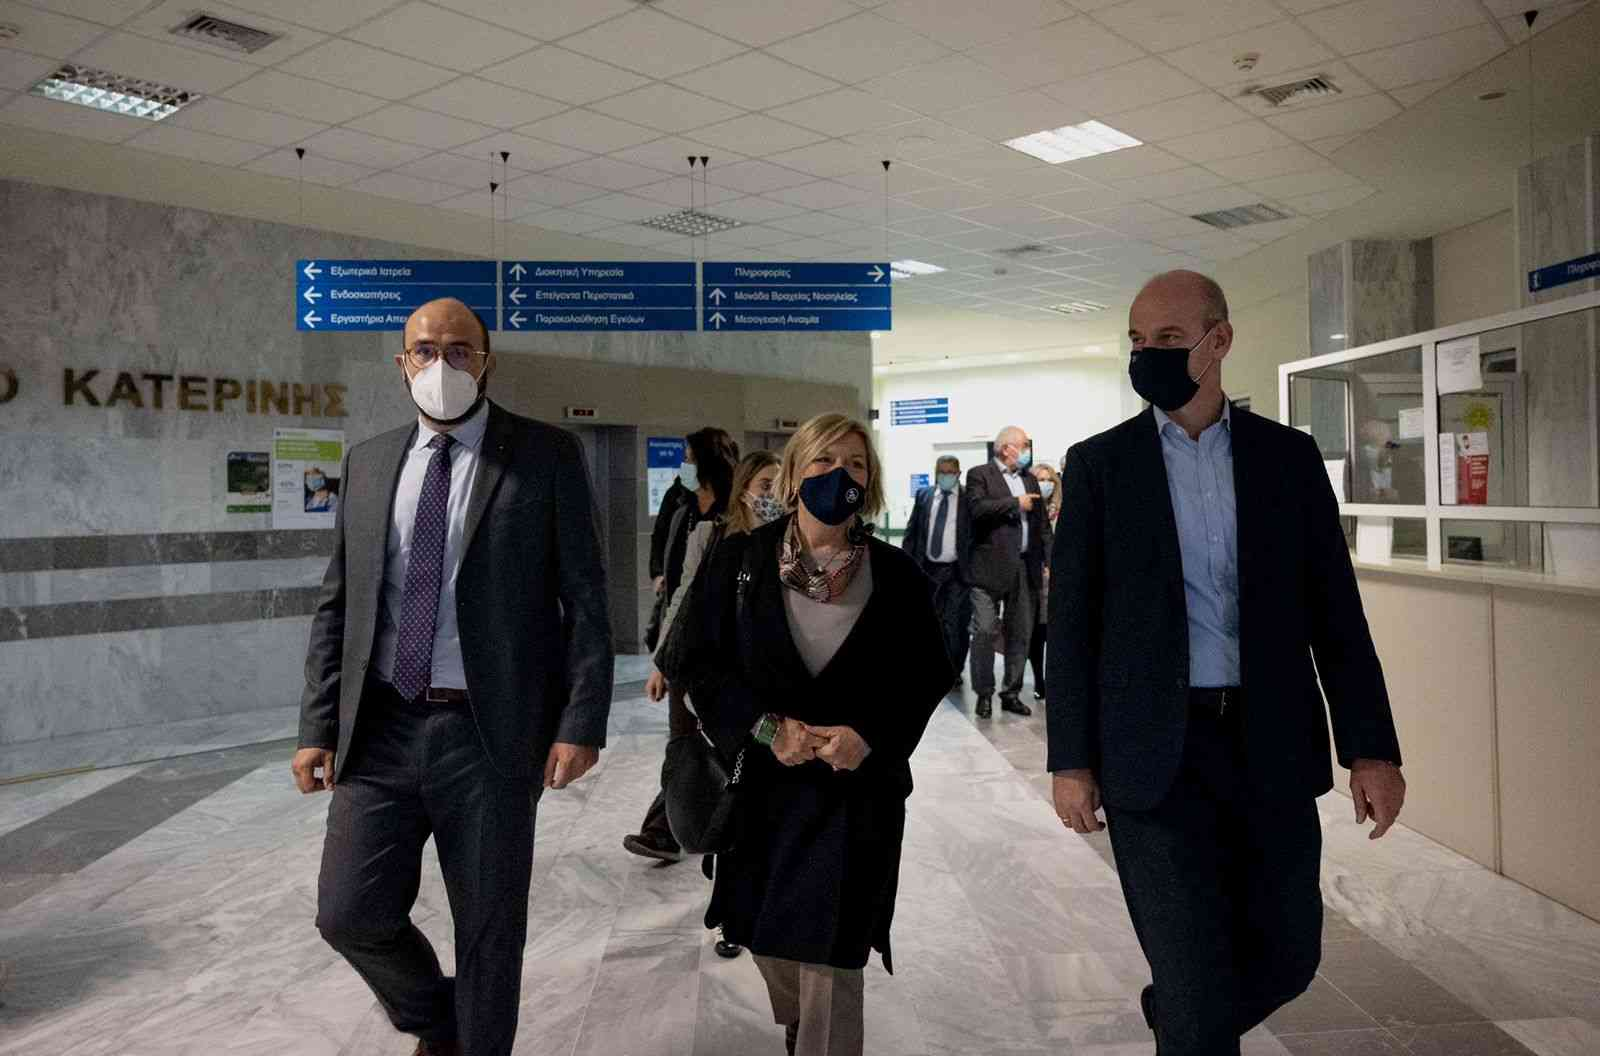 Γκάγκα: Περιοδεία στα νοσοκομεία της βόρειας Ελλάδας πραγματοποιεί η αναπλ. υπουργός Υγείας